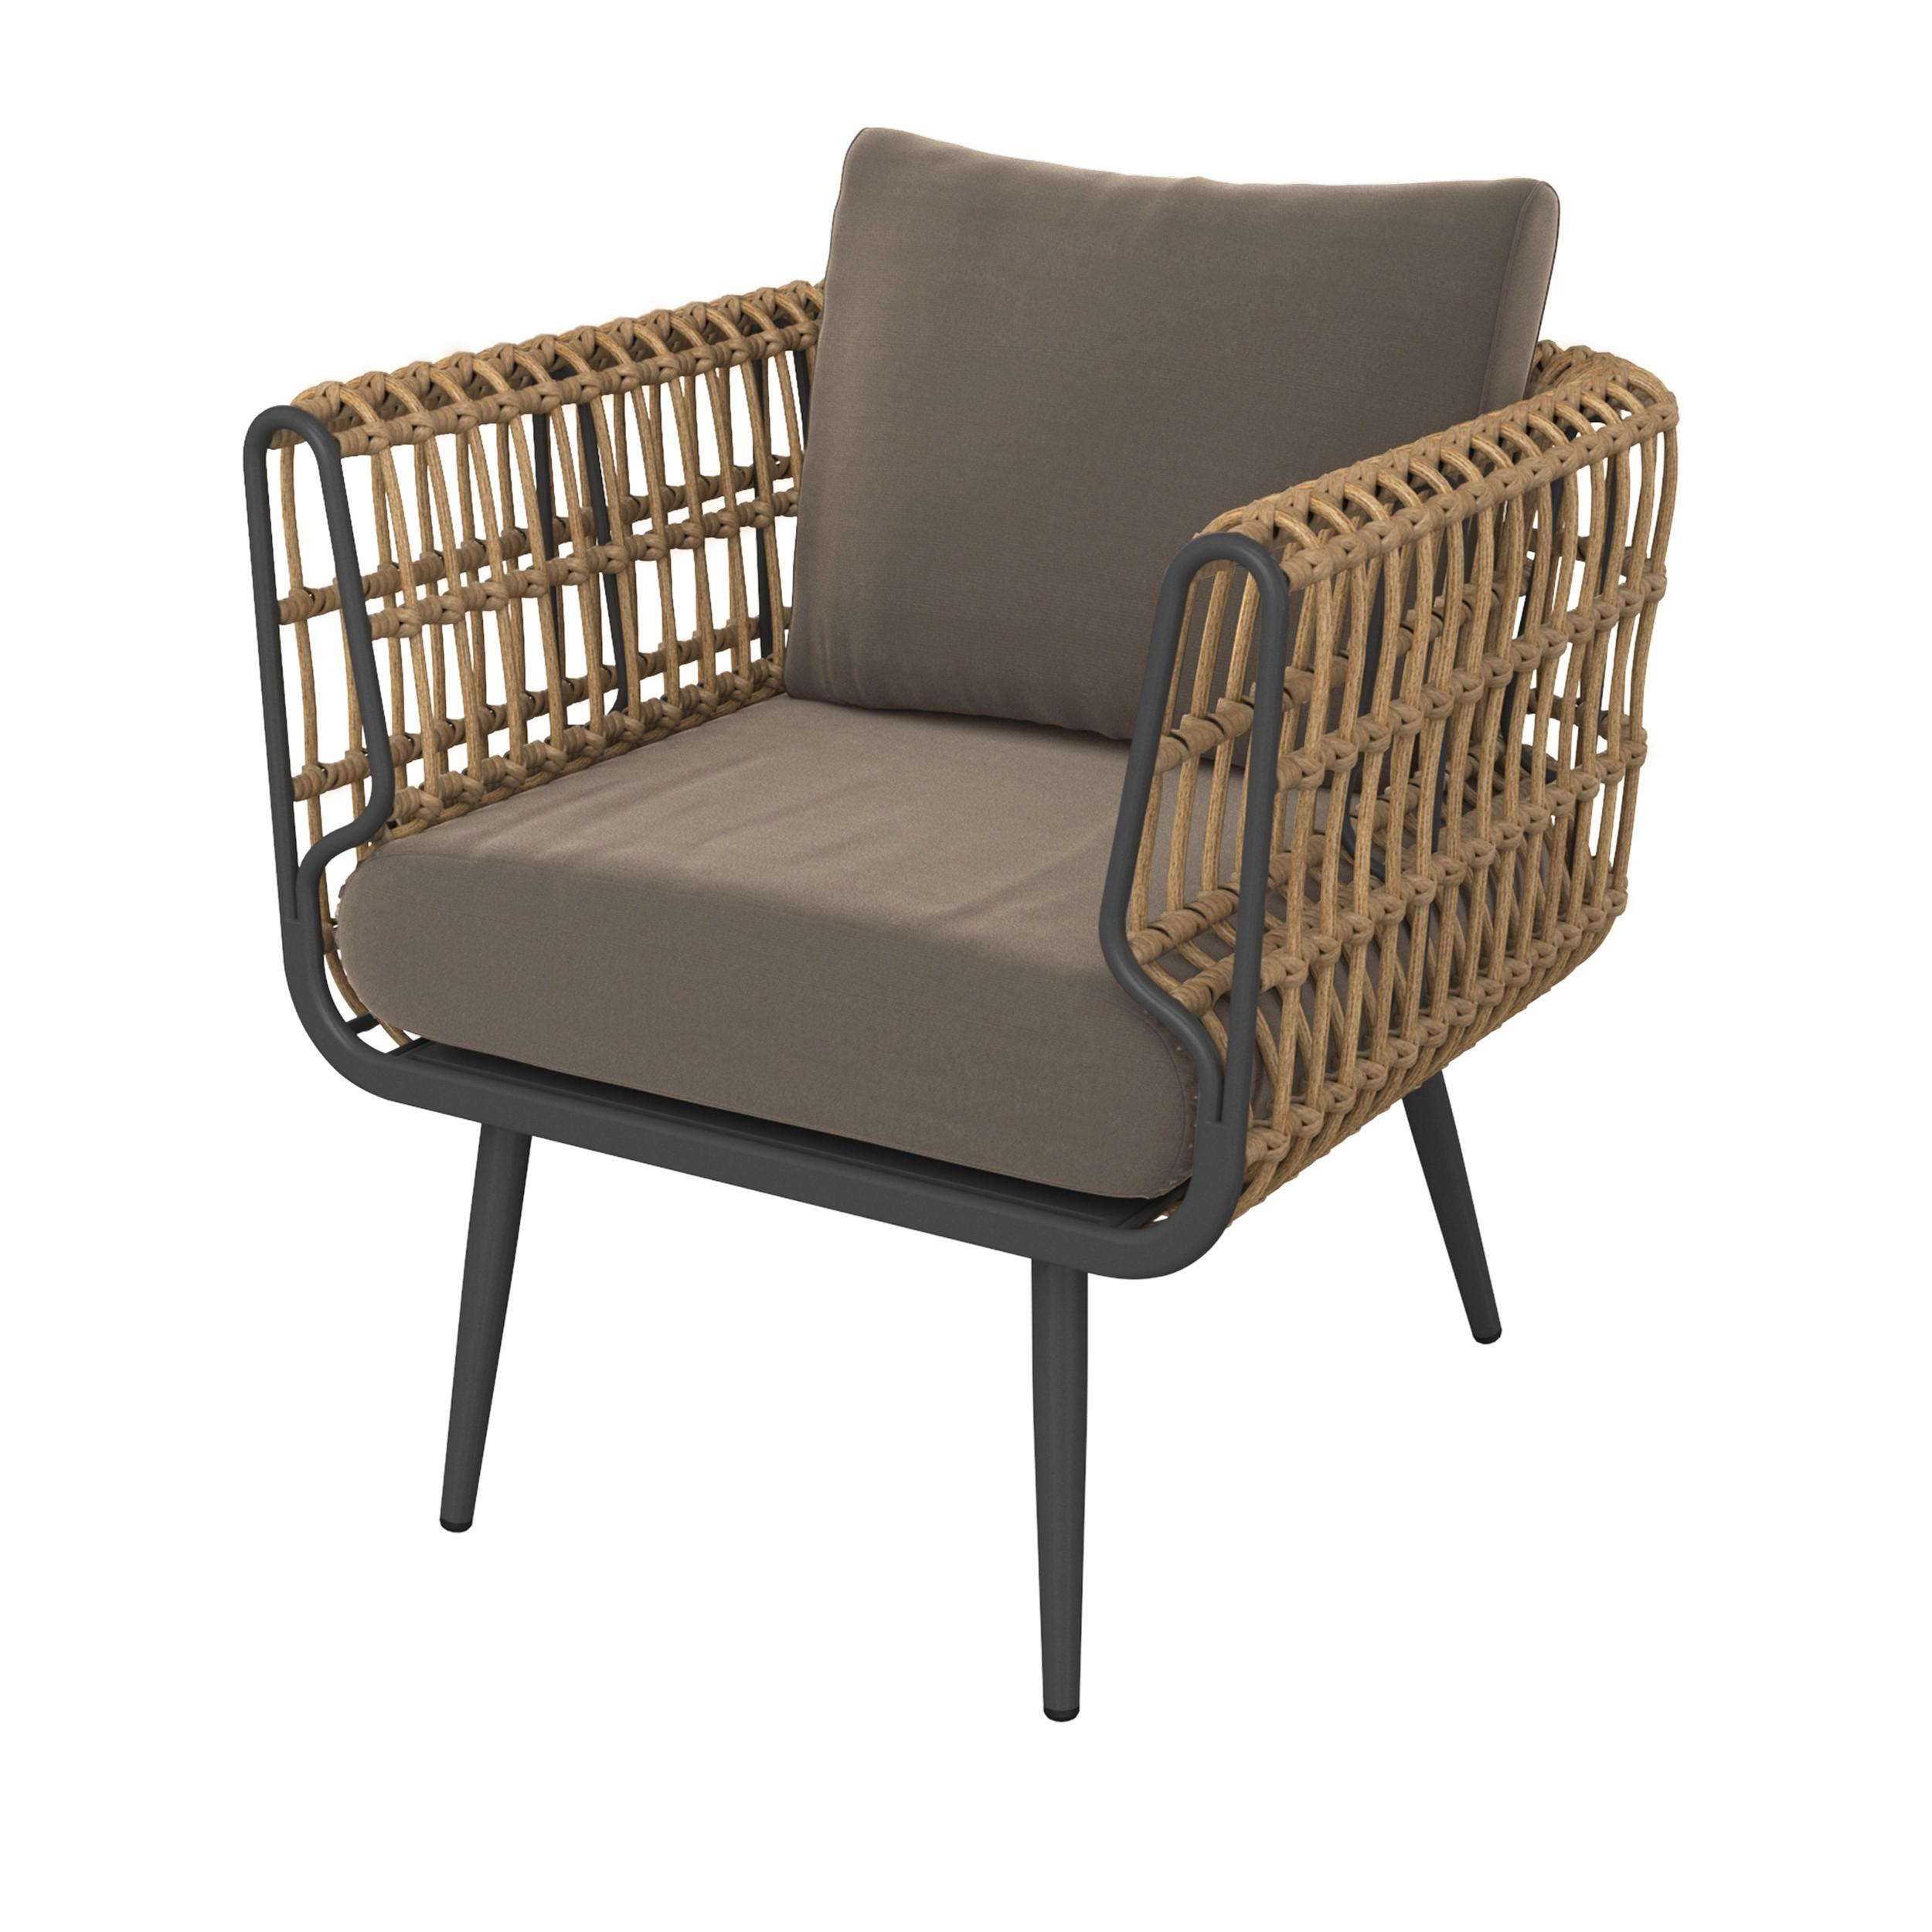 acheter fauteuil de jardin exterieur confortable